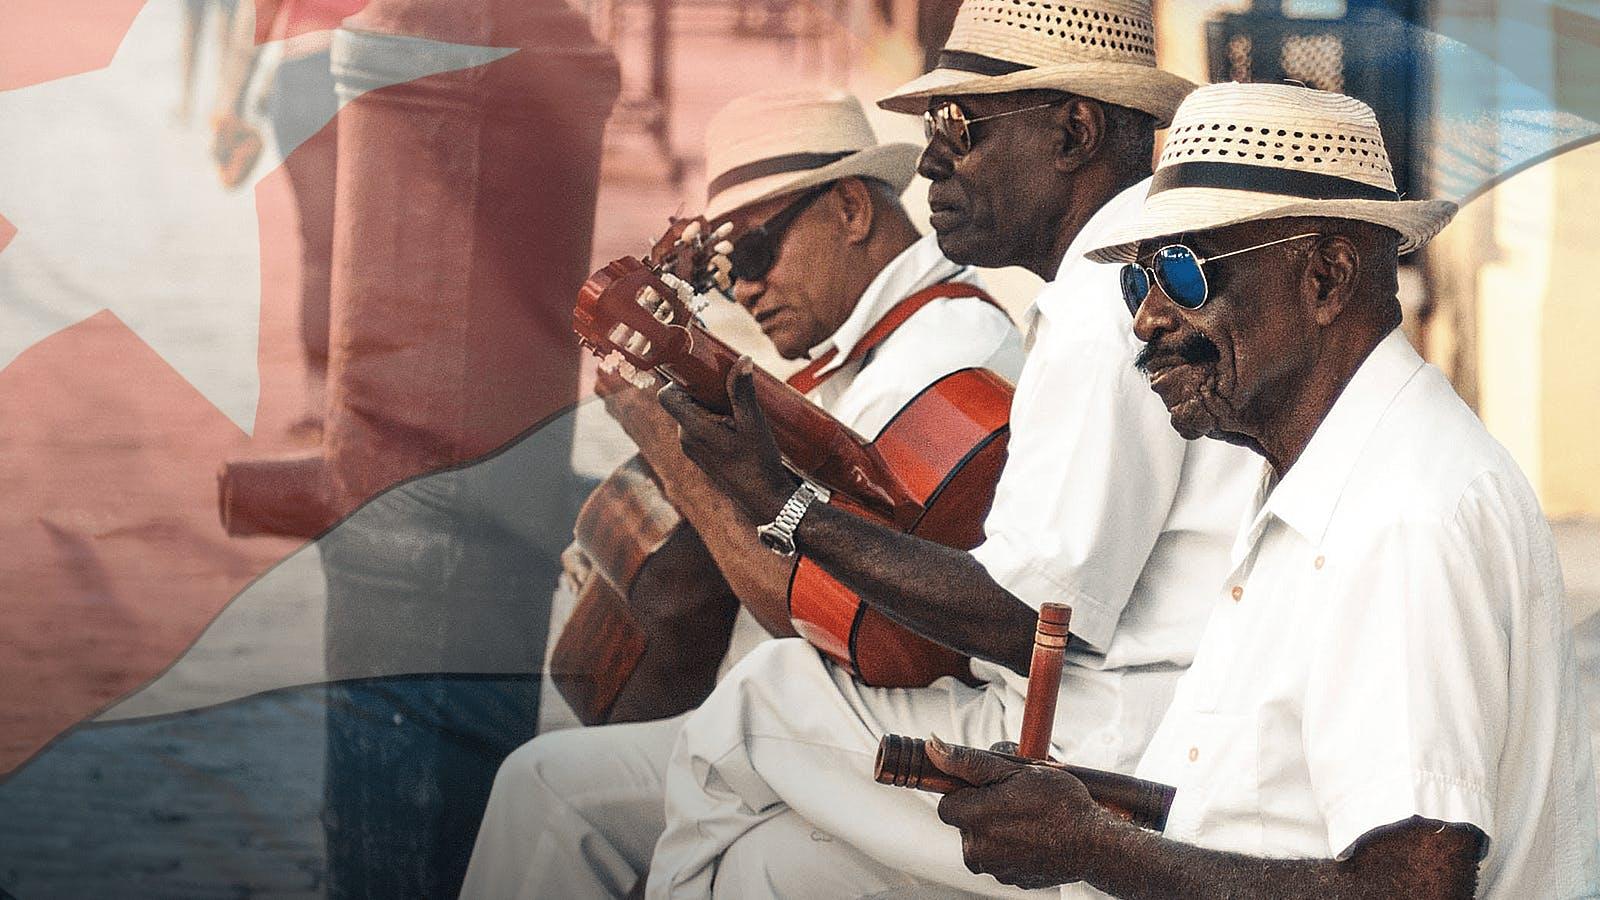 Street musician in Cuba sitting outside